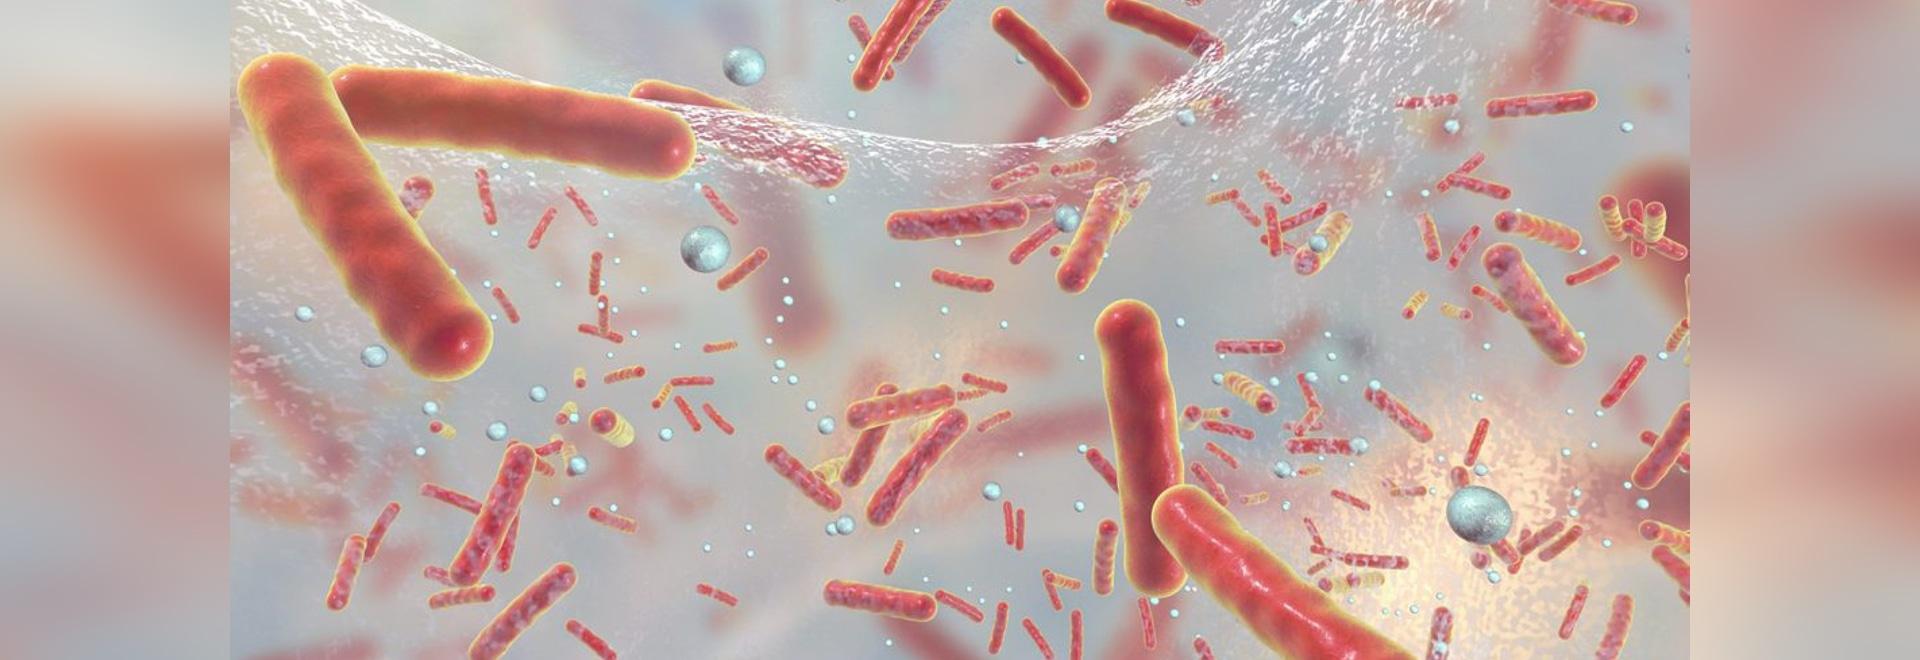 L'apprentissage automatique identifie les gènes de résistance antibiotiques